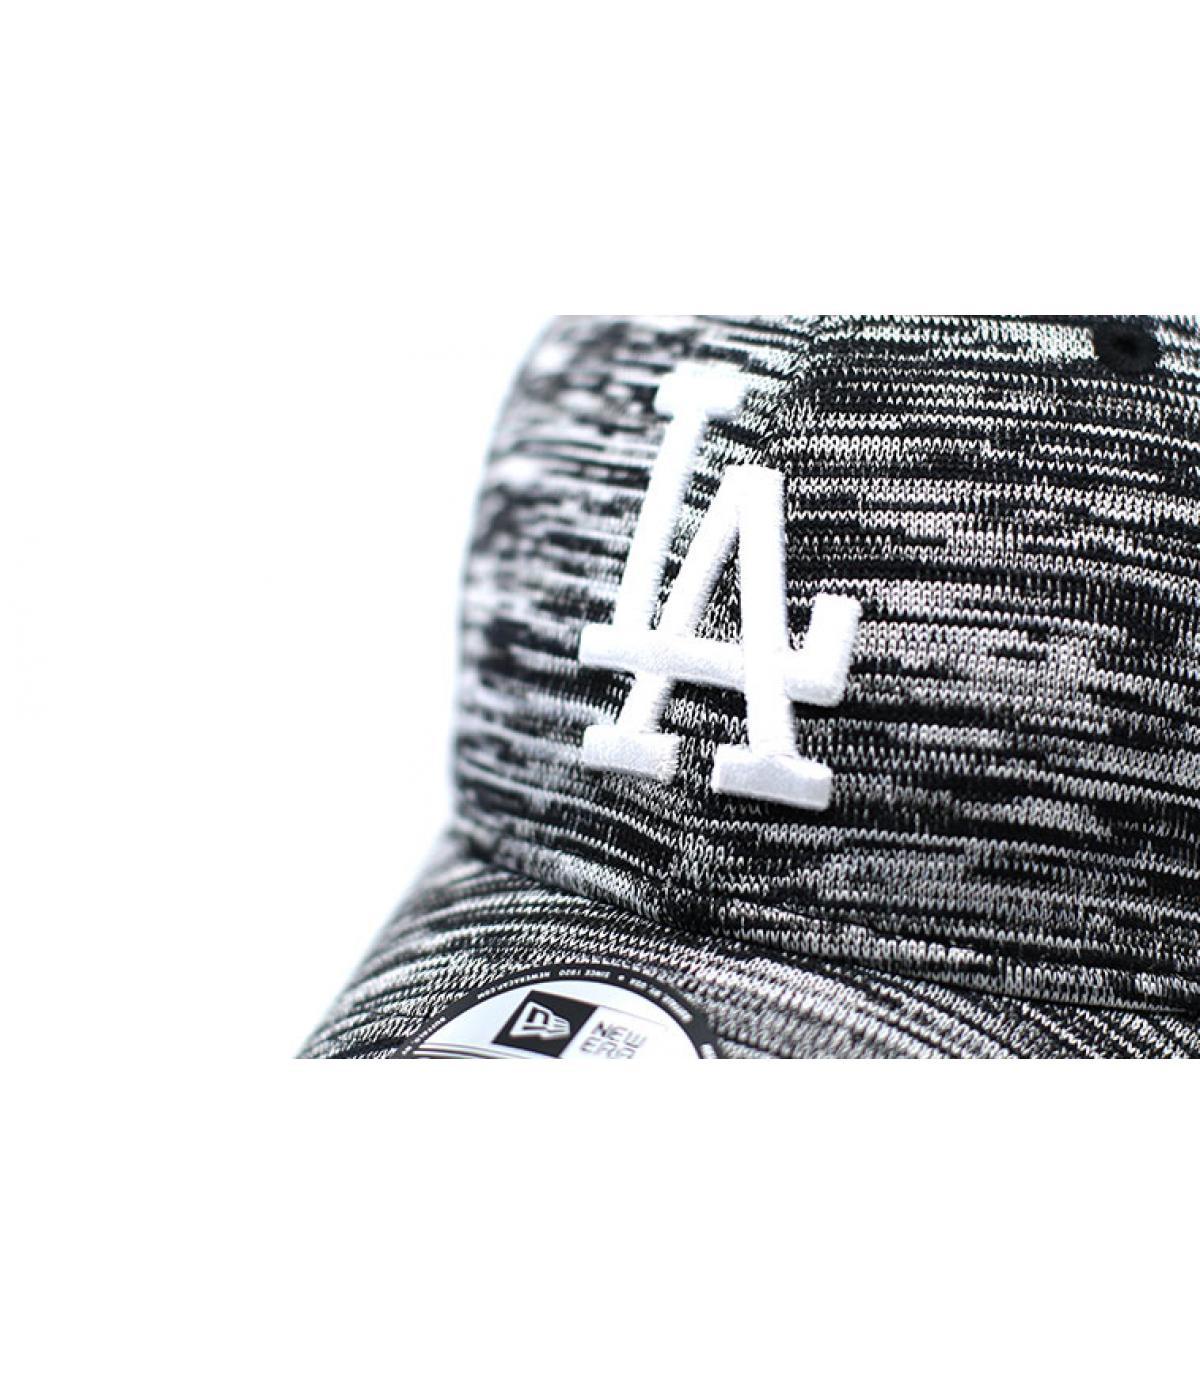 Dettagli Engineered Fit LA 9Forty black - image 3